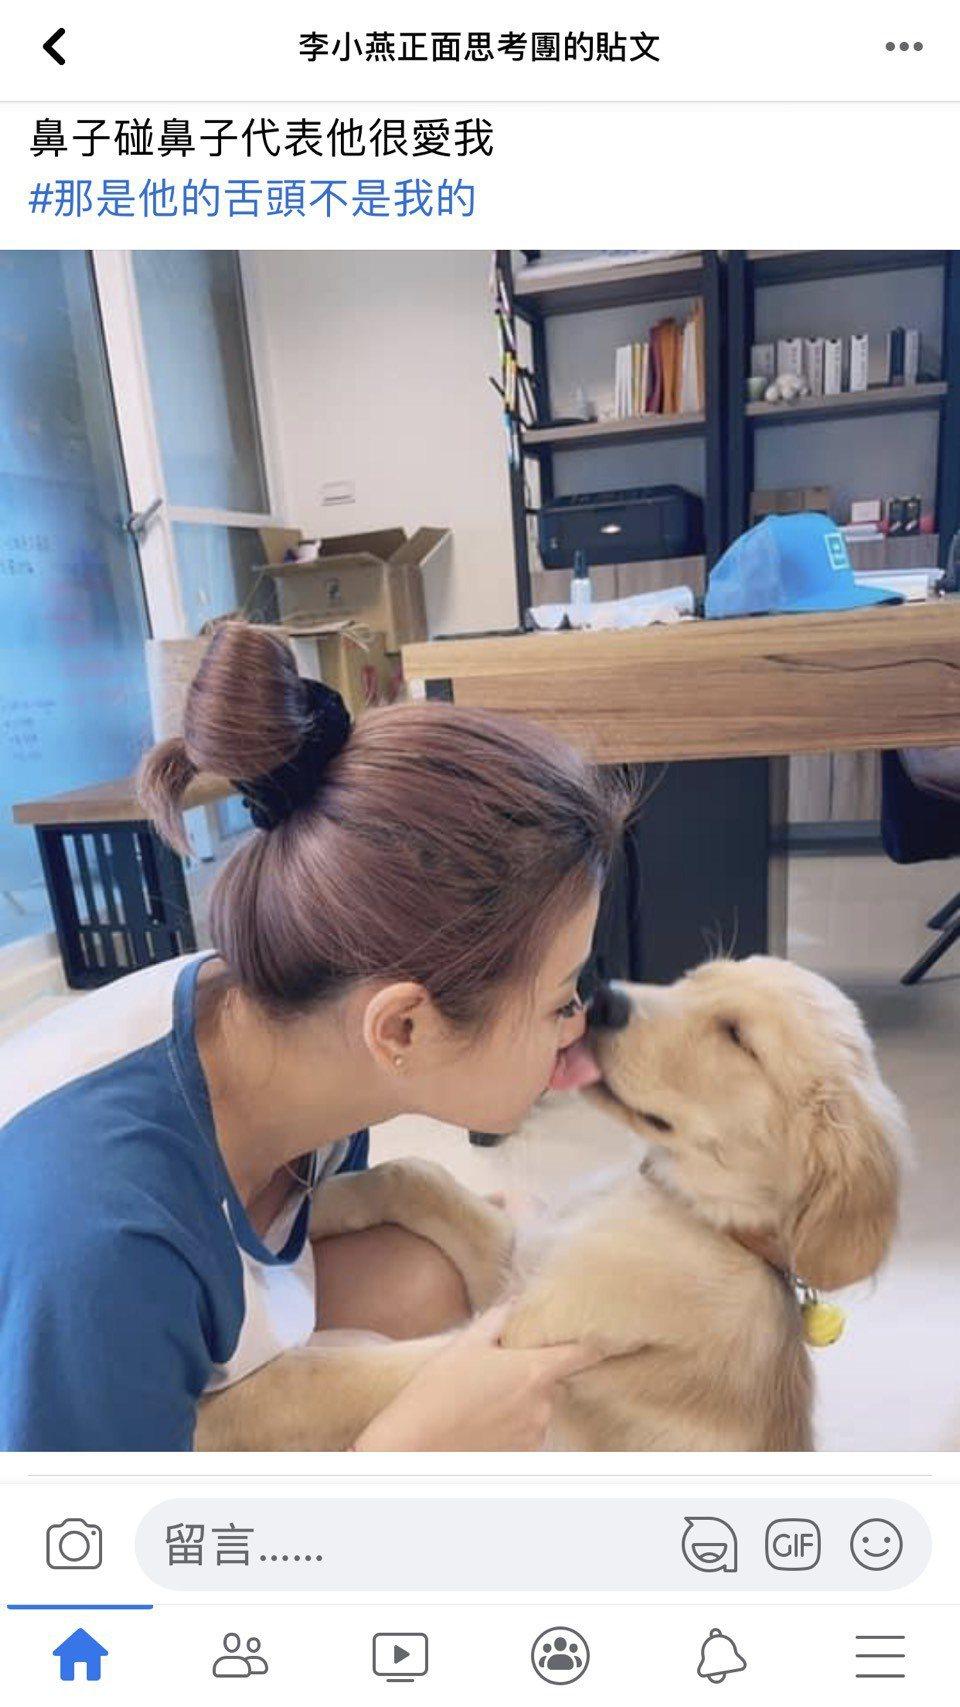 李燕po出和愛犬合照引發網友回覆。圖/摘自臉書